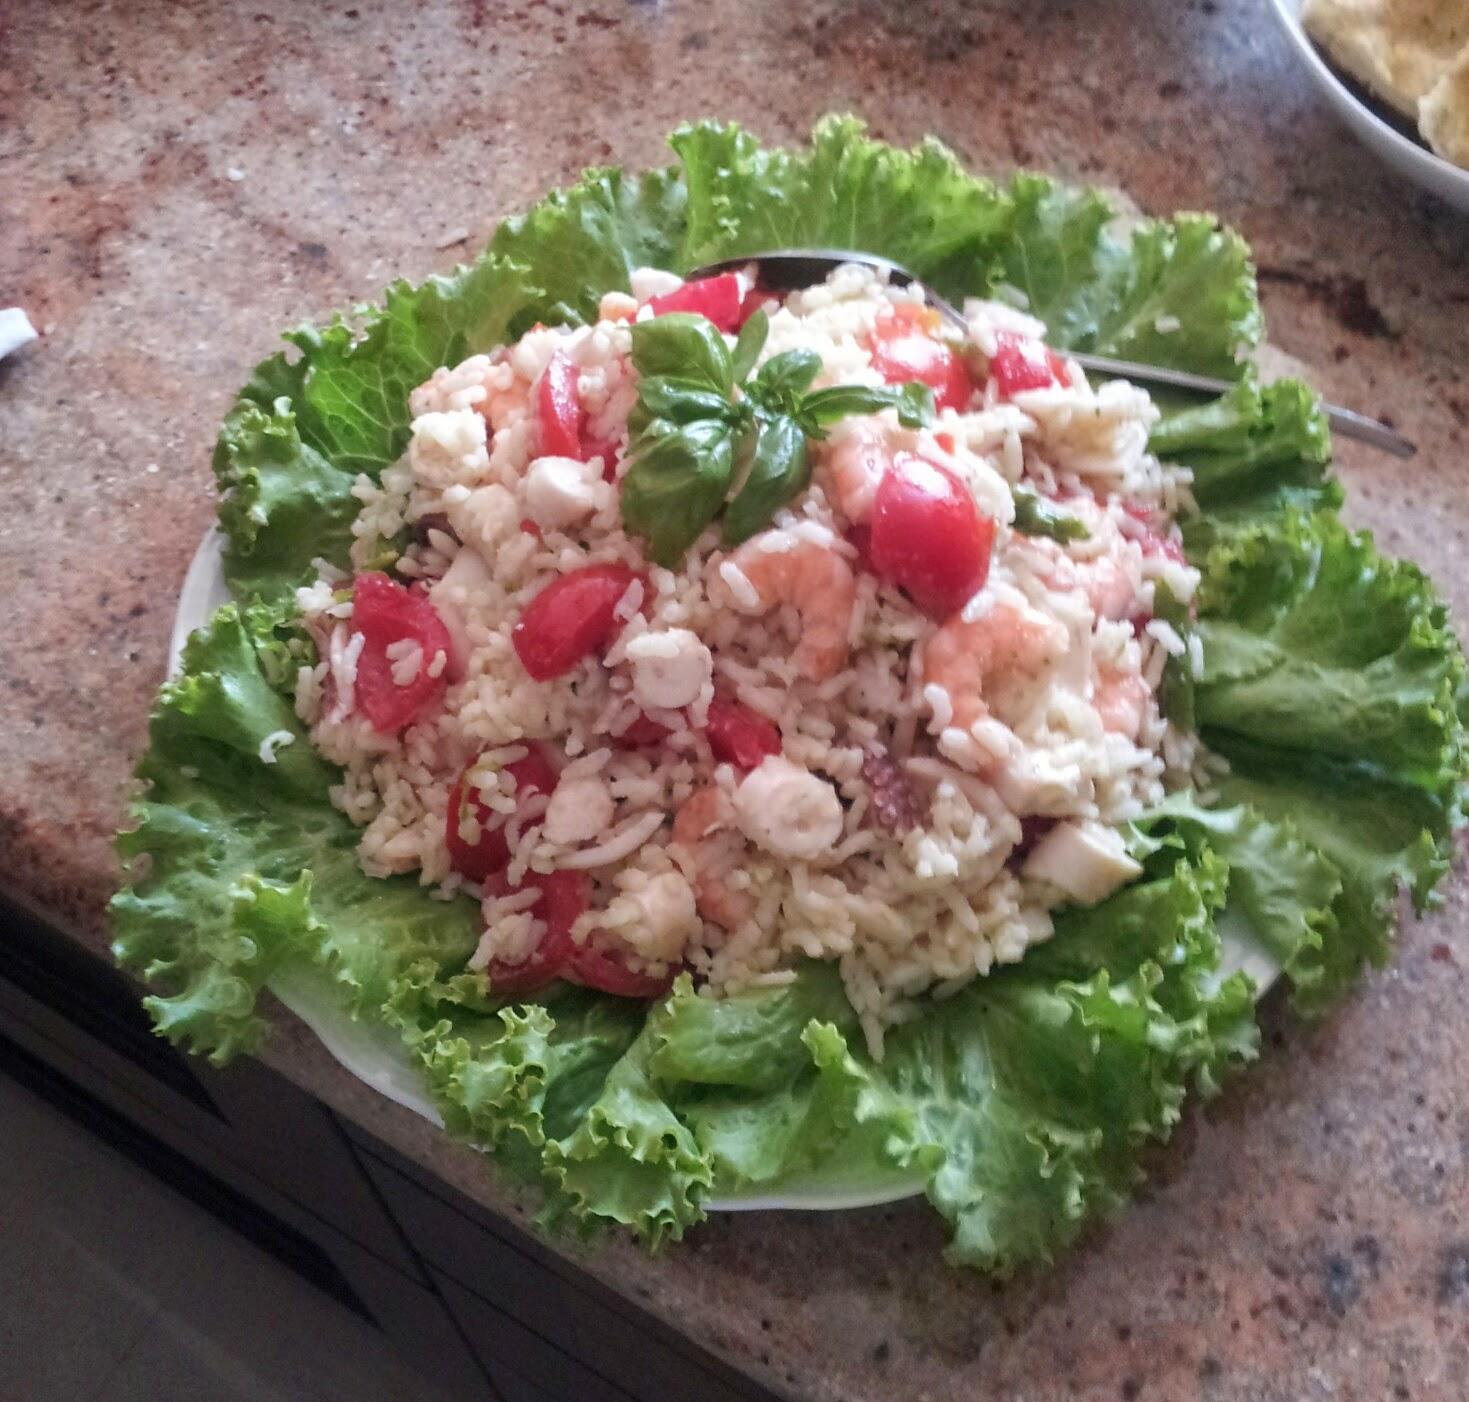 In cucina con zia vale riso freddo della sirenetta - Cucina con vale ...